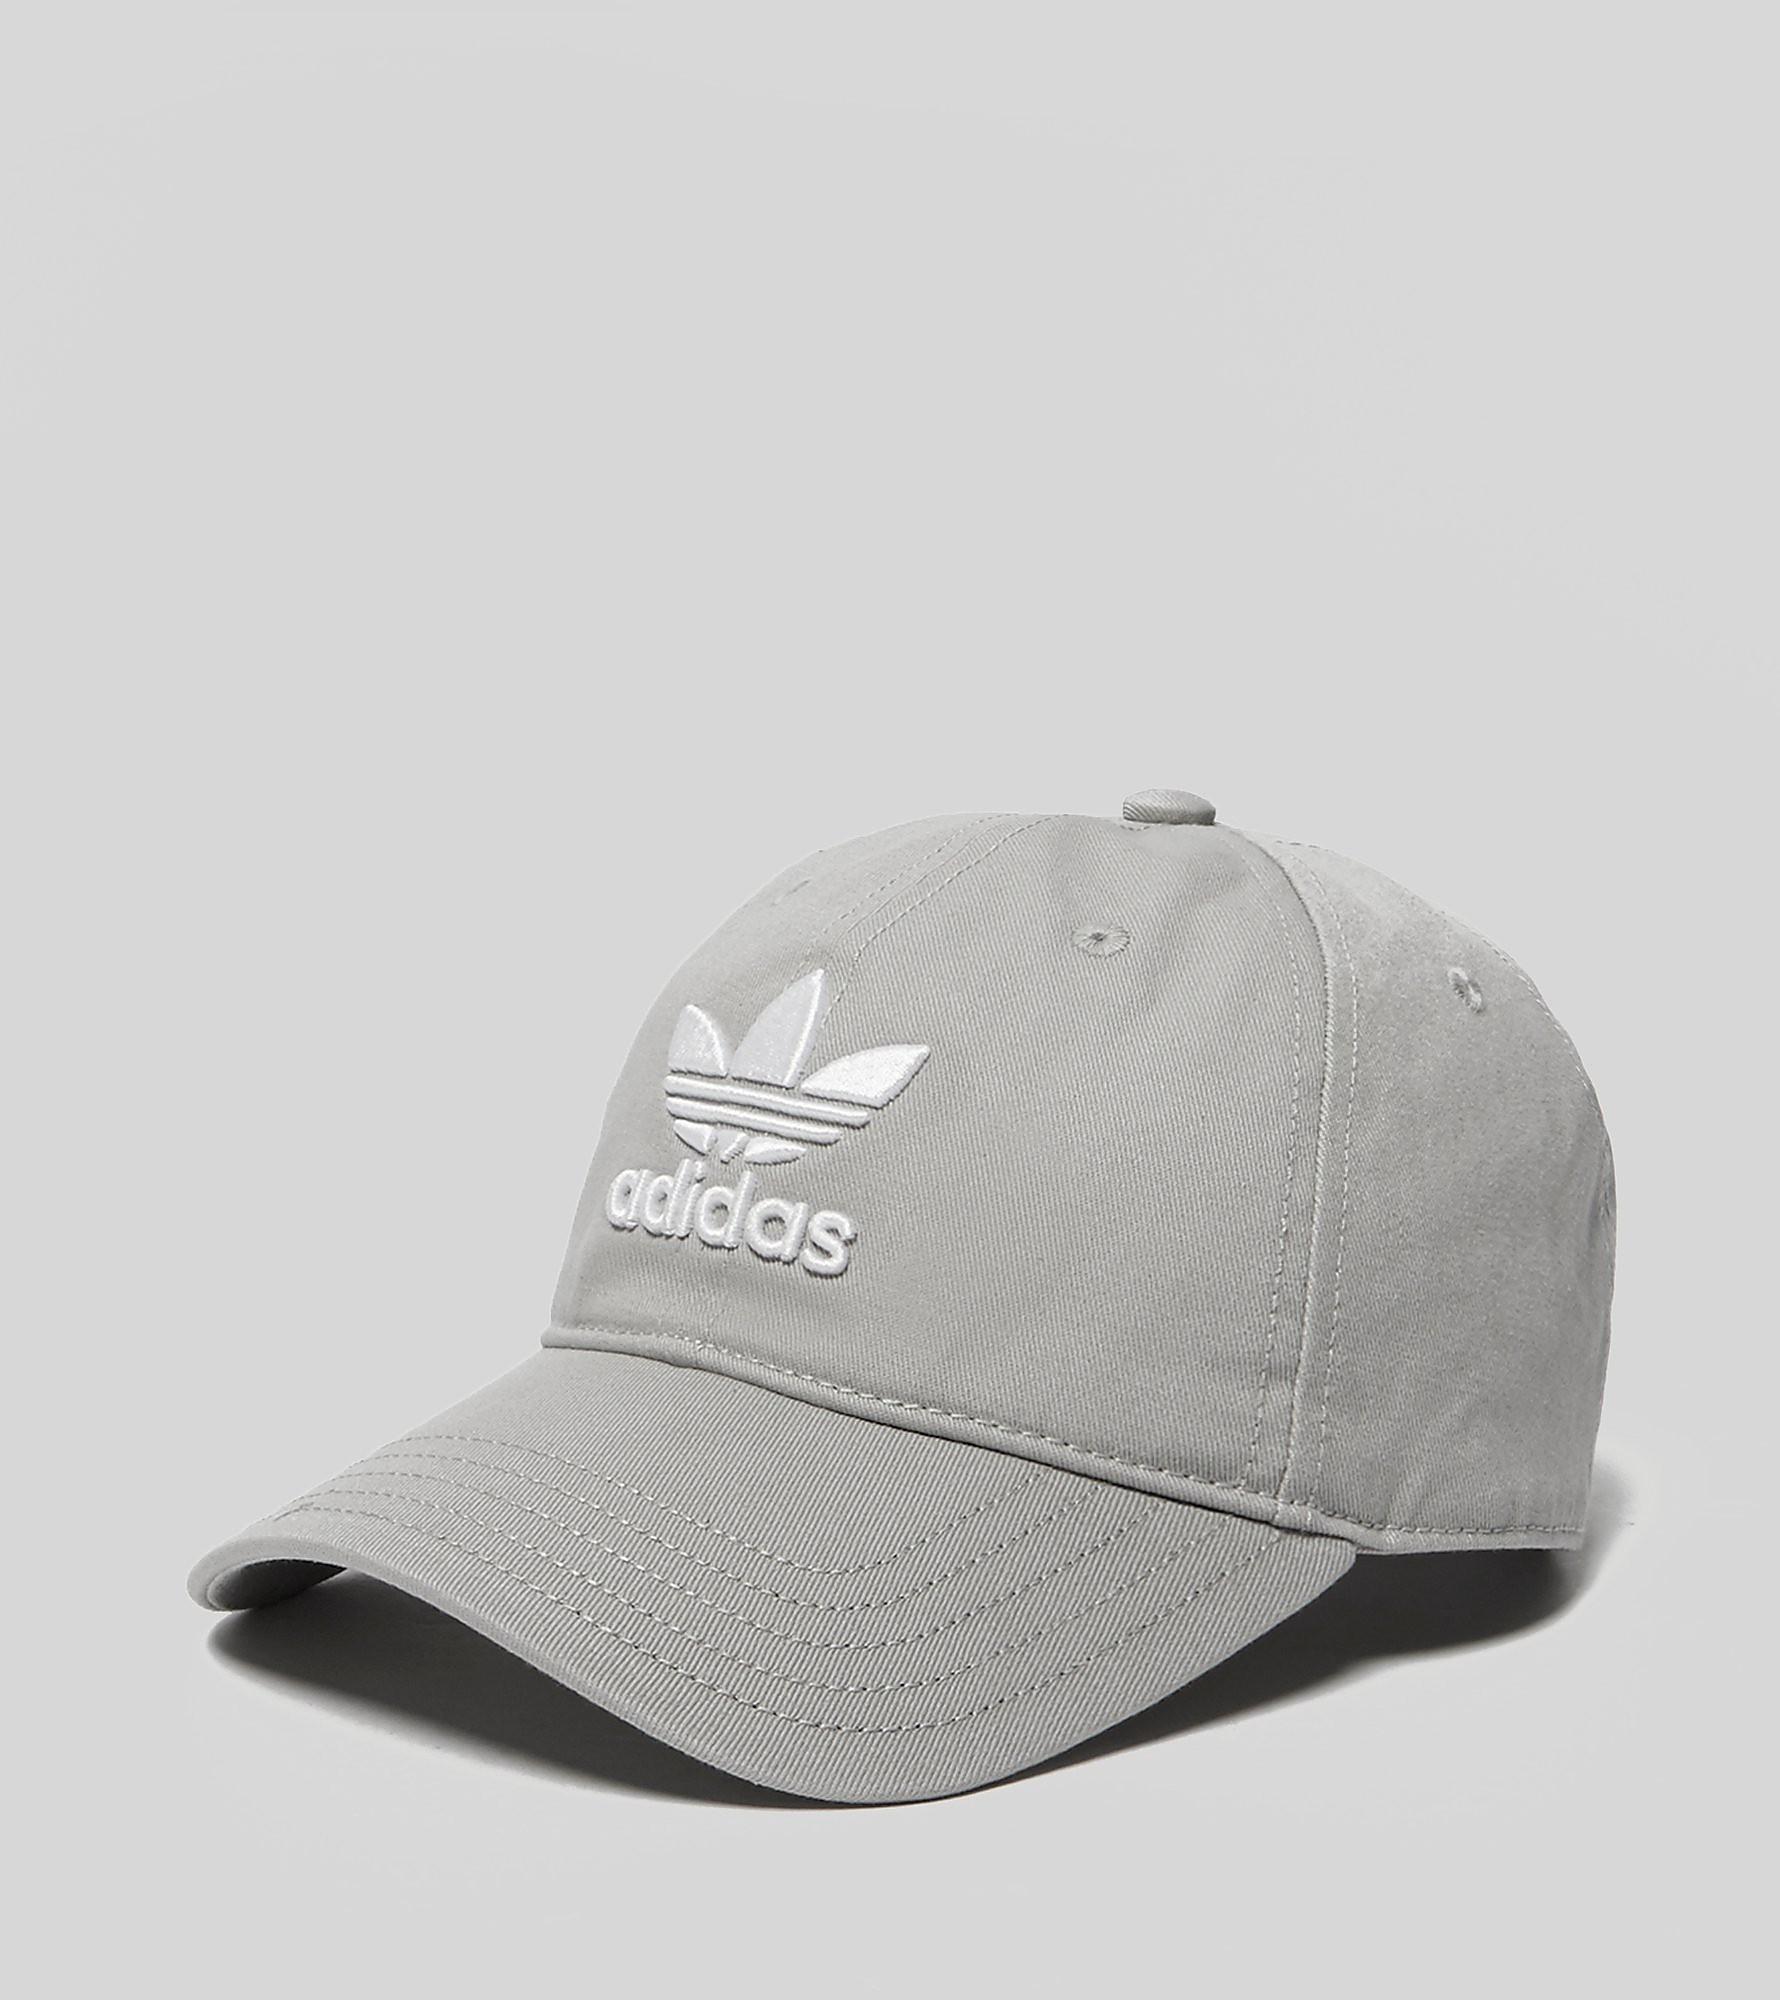 adidas Originals Trefoil Strapback Cap